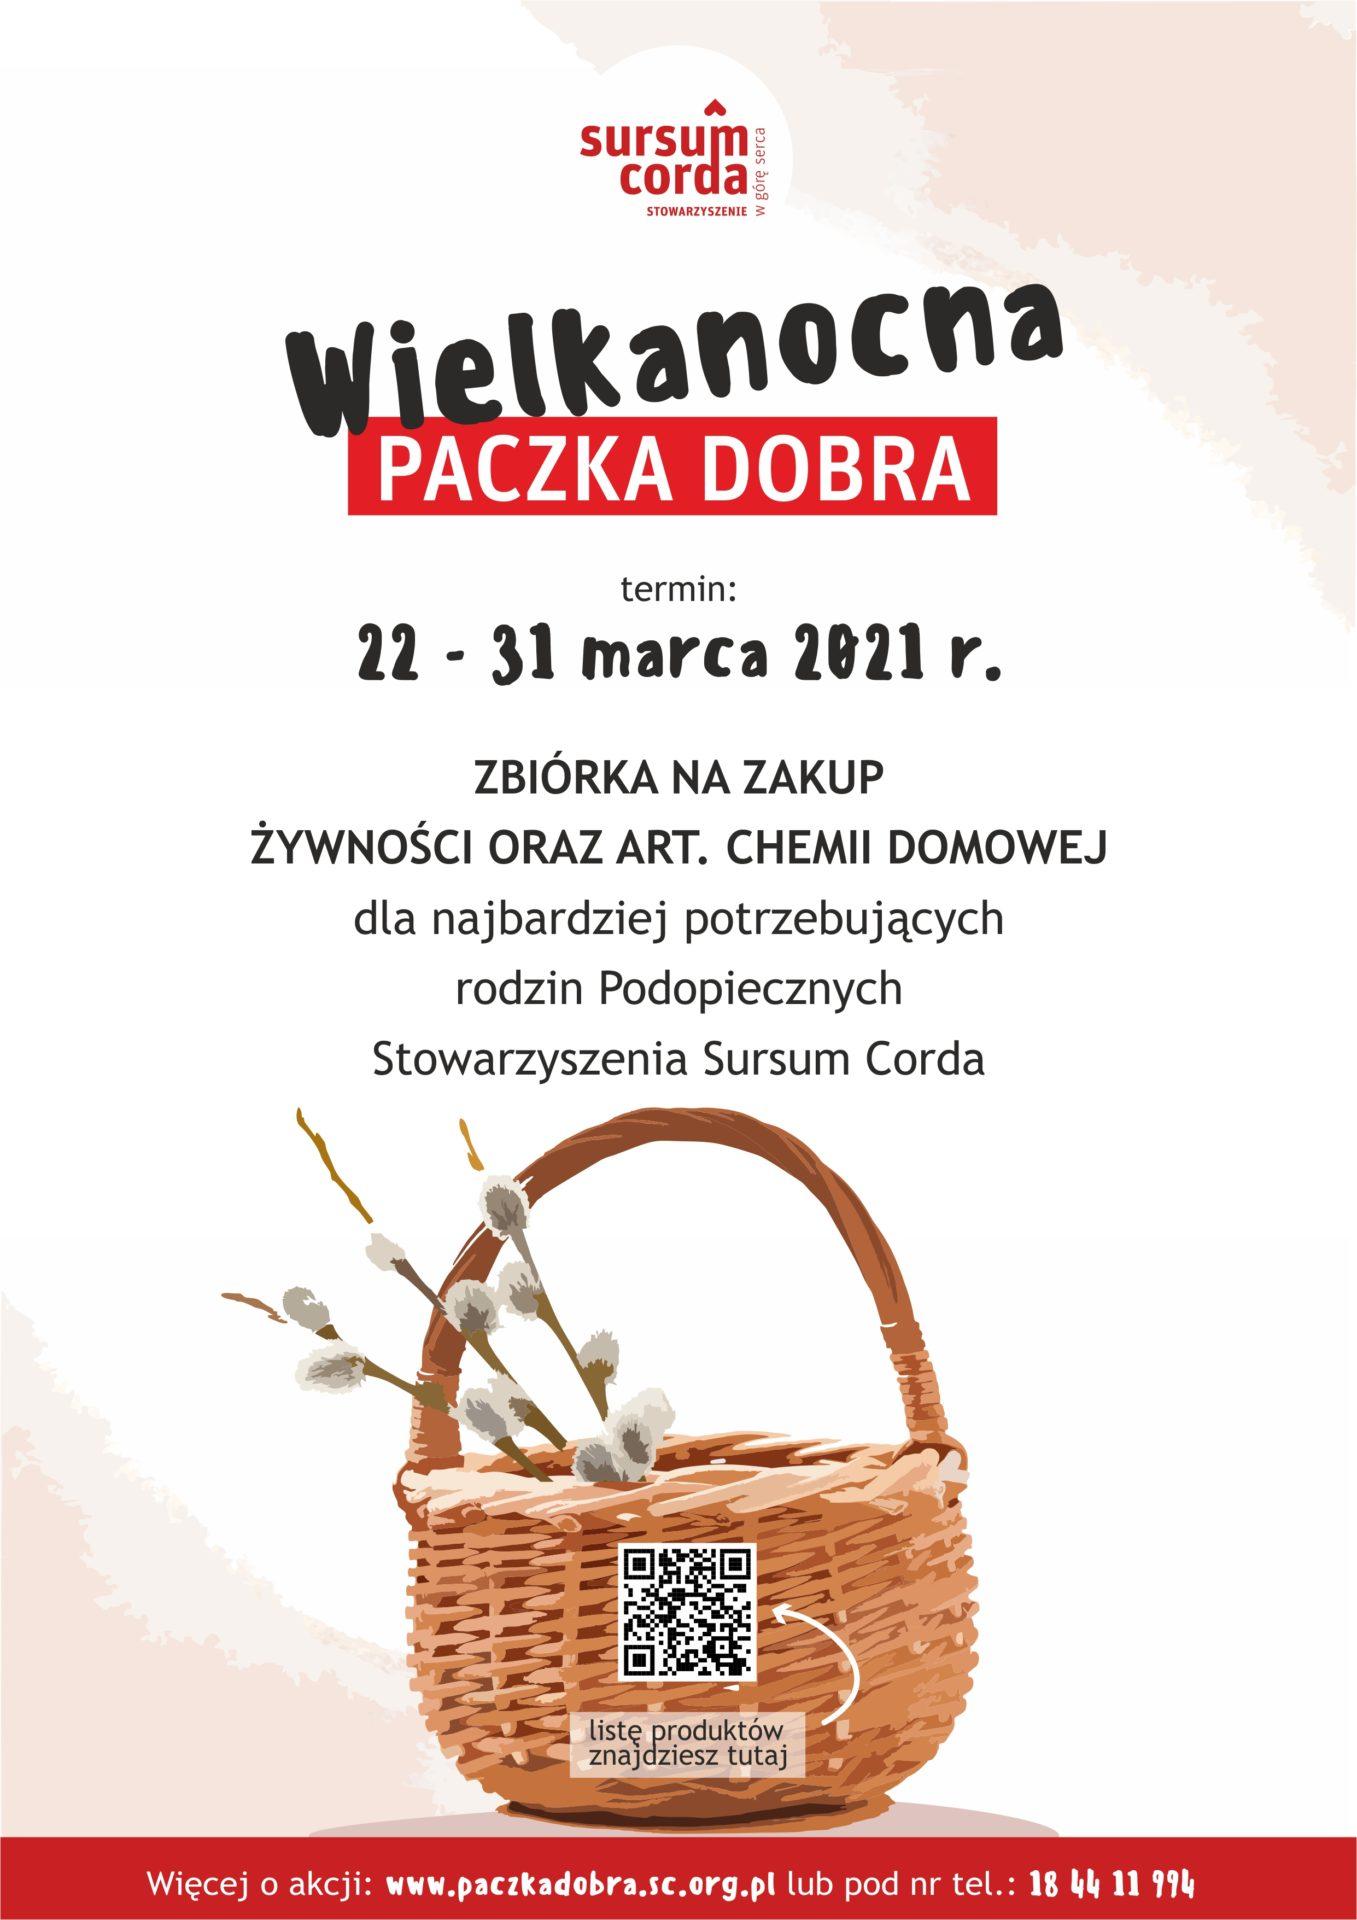 Wielkanocna Paczka Dobra 2021_SursumCorda_plakat